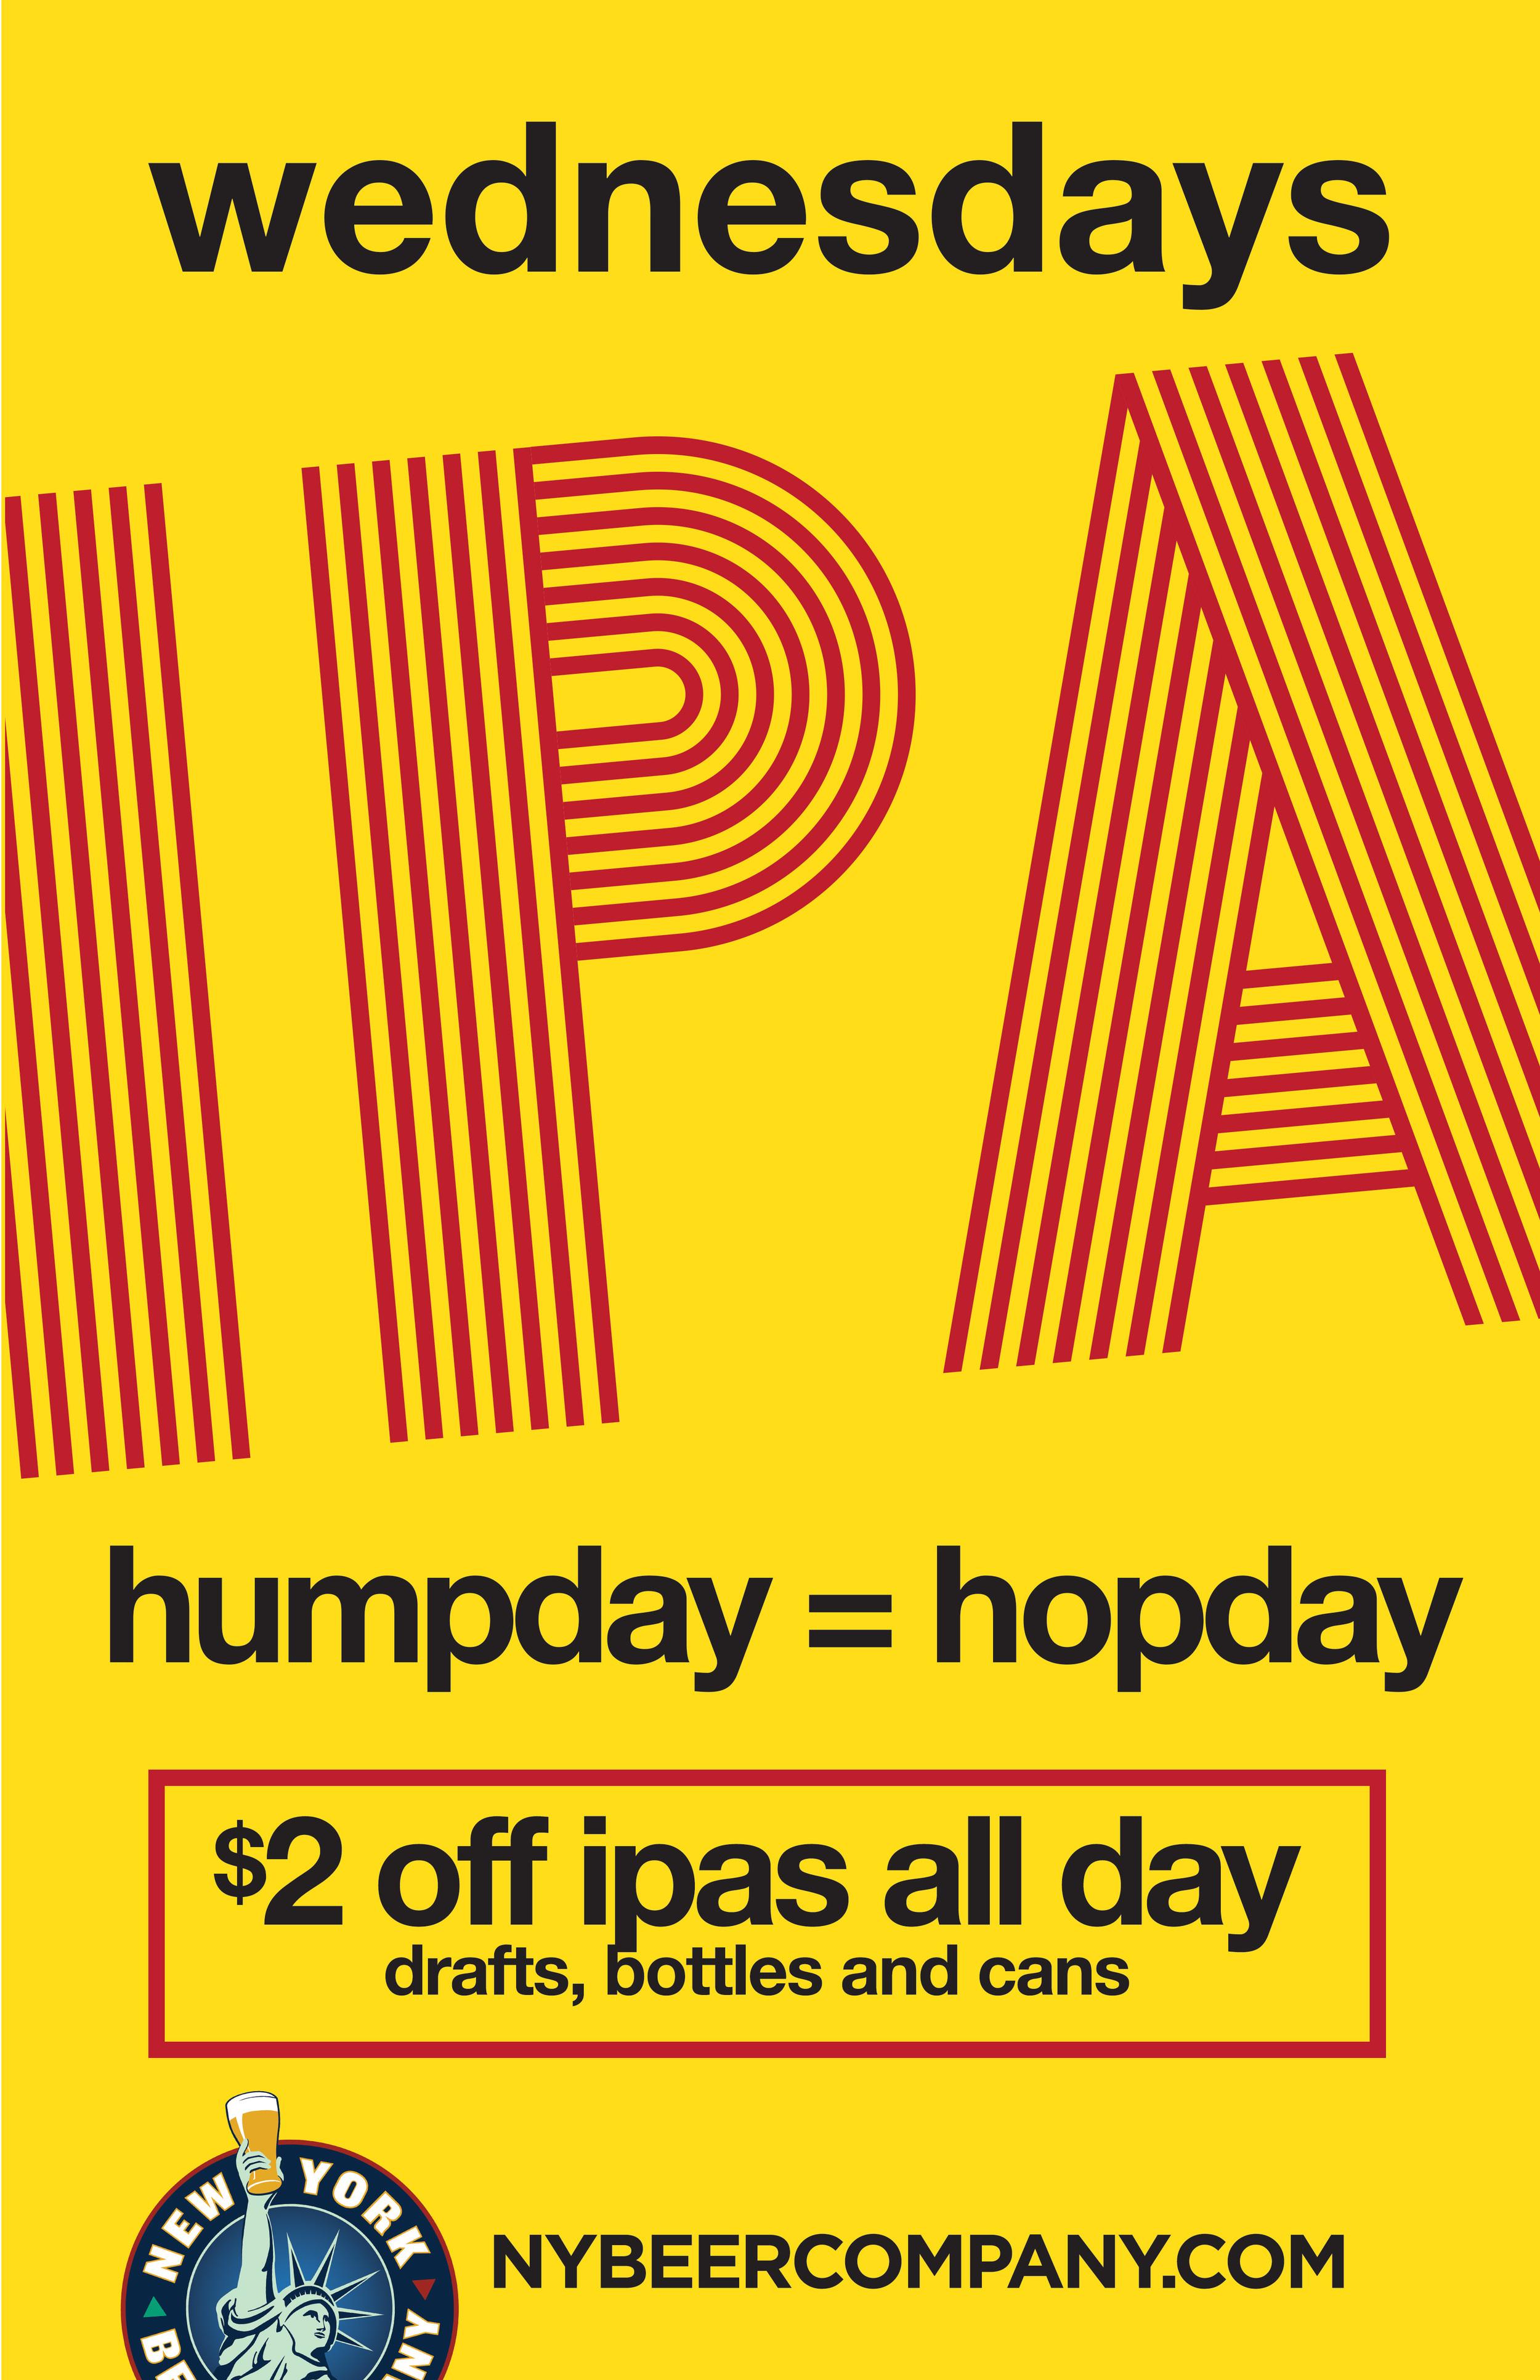 IPA beer specials NYC